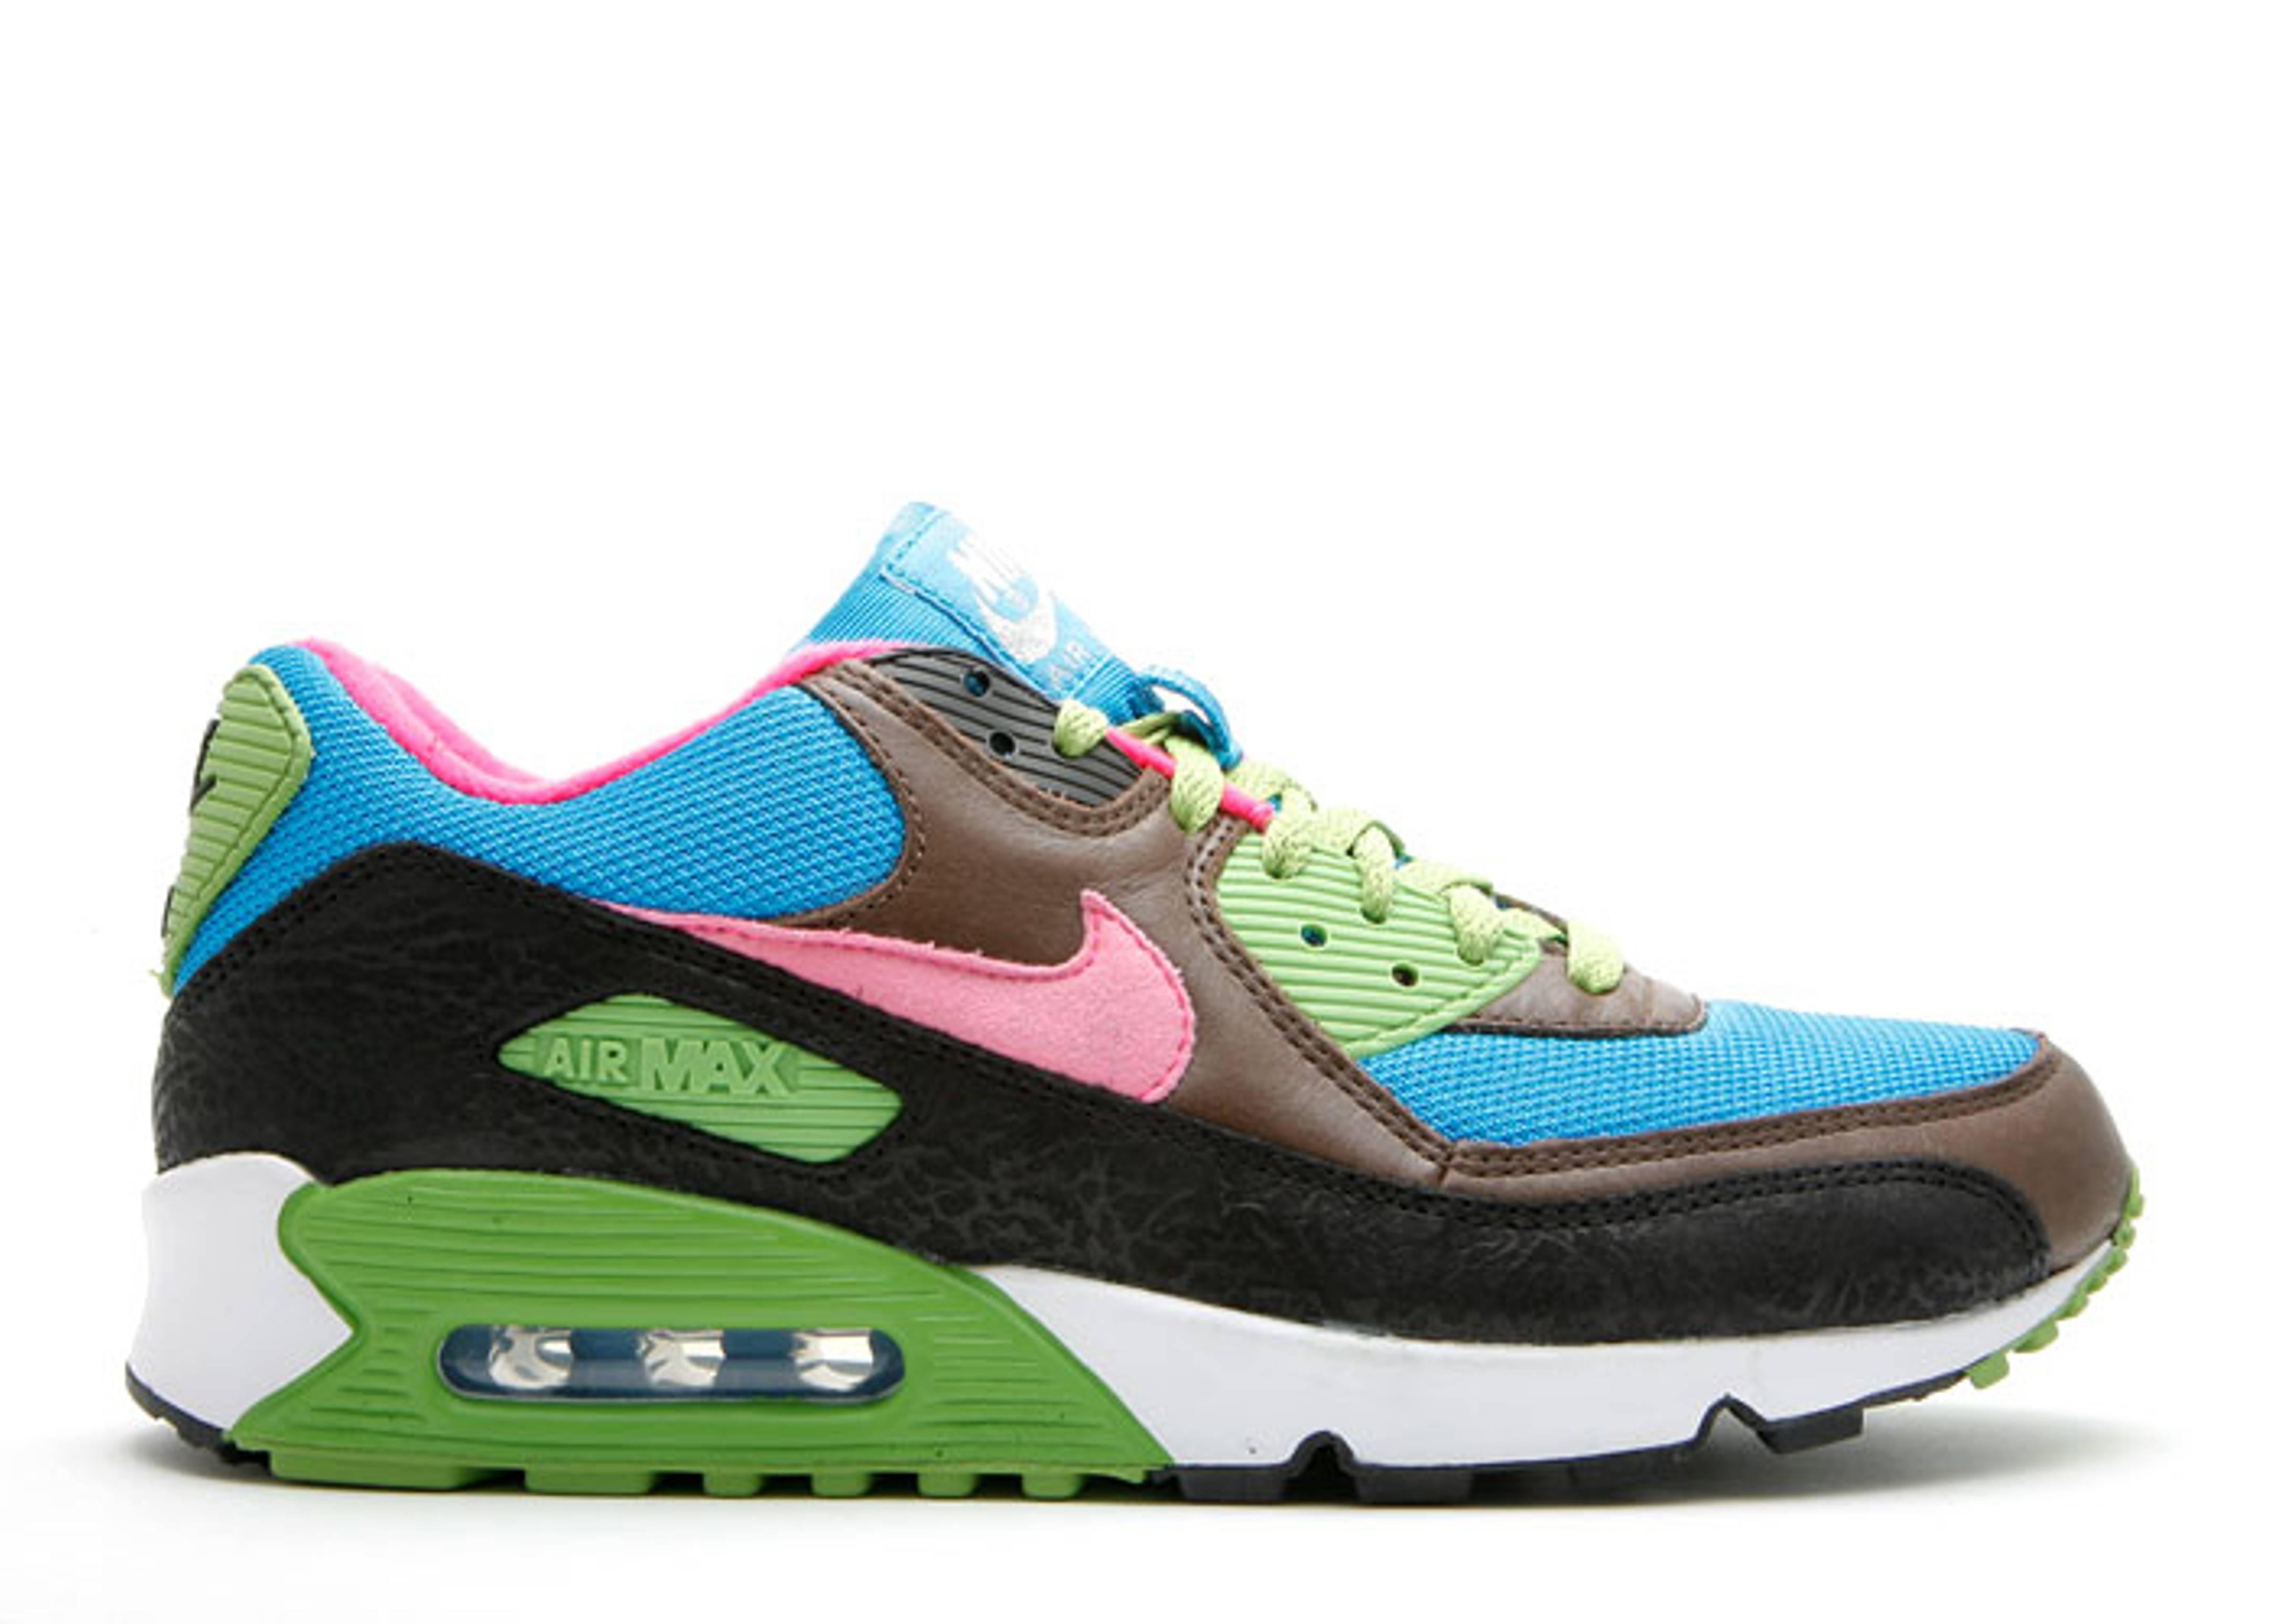 timeless design 0c106 e20c4 Air Max 90 Id - Nike - 314266 992 mb - riben blue brown-dark green ...